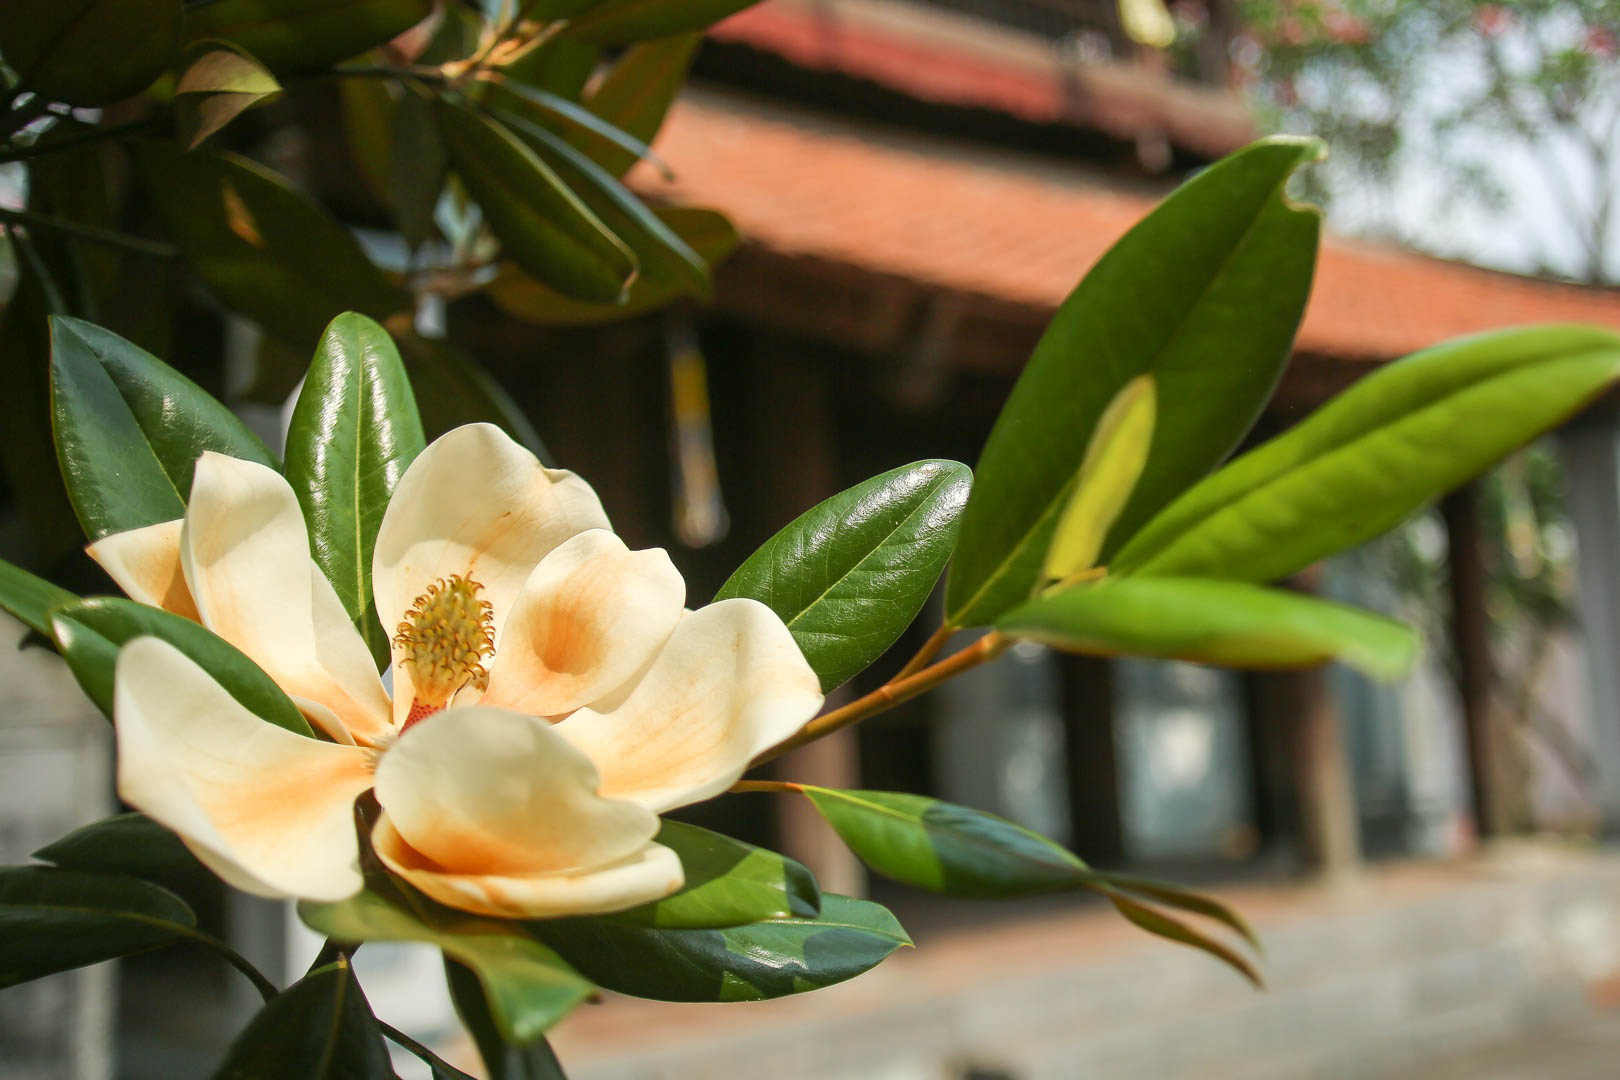 Kỳ lạ đóa sen nằm trên cạn, tỏa hương thơm ngát ngôi chùa trăm năm tuổi - Ảnh 1.